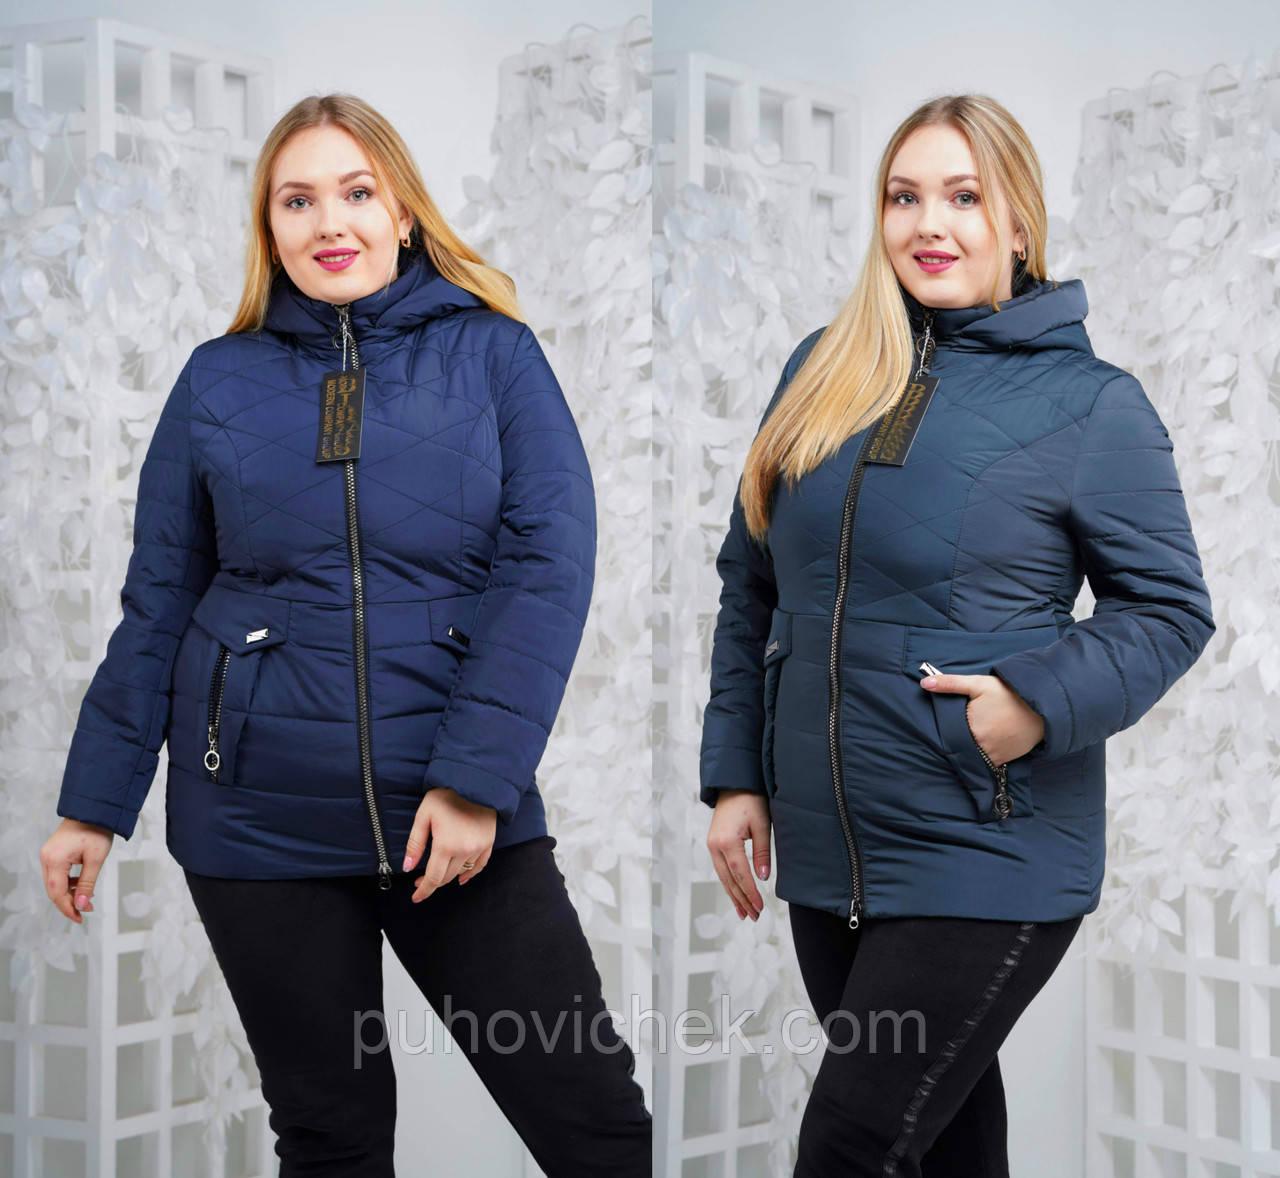 9f08dc2194a Модные куртки женские весенние интернет магазин новинка баталы ...